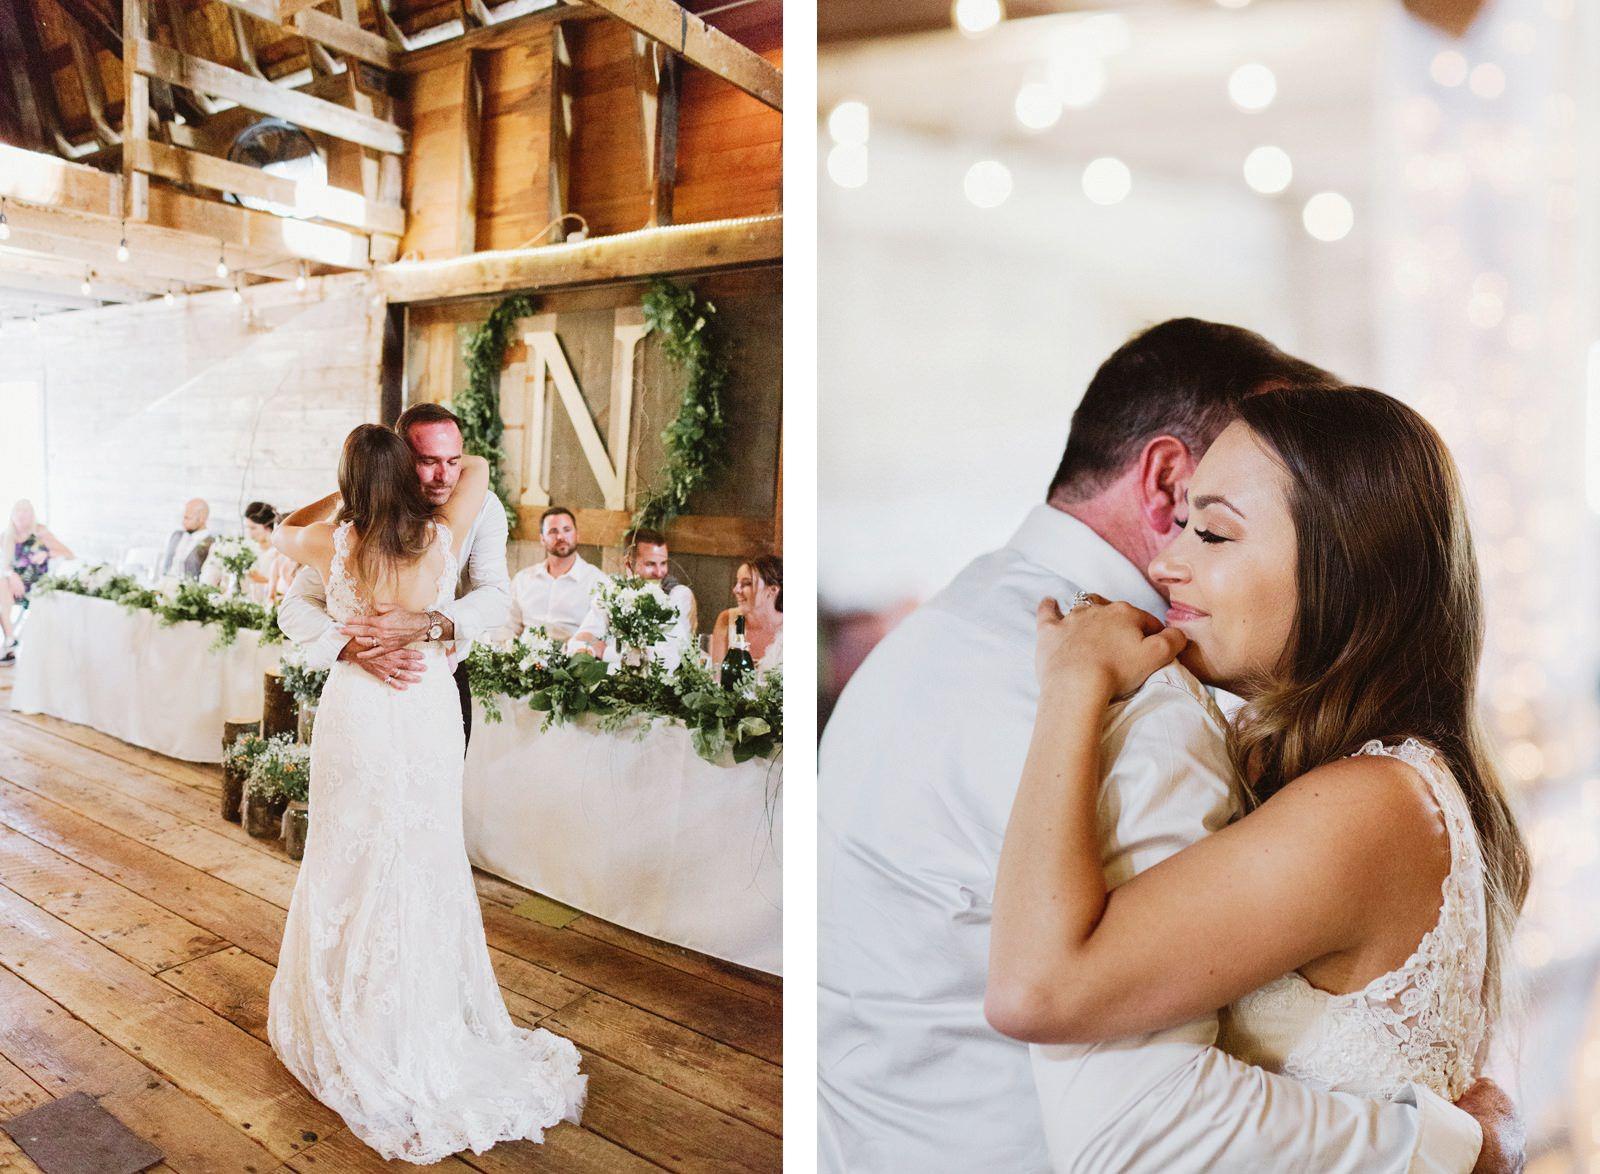 drewtiawna-blog-41 YELLOW BARN WEDDING